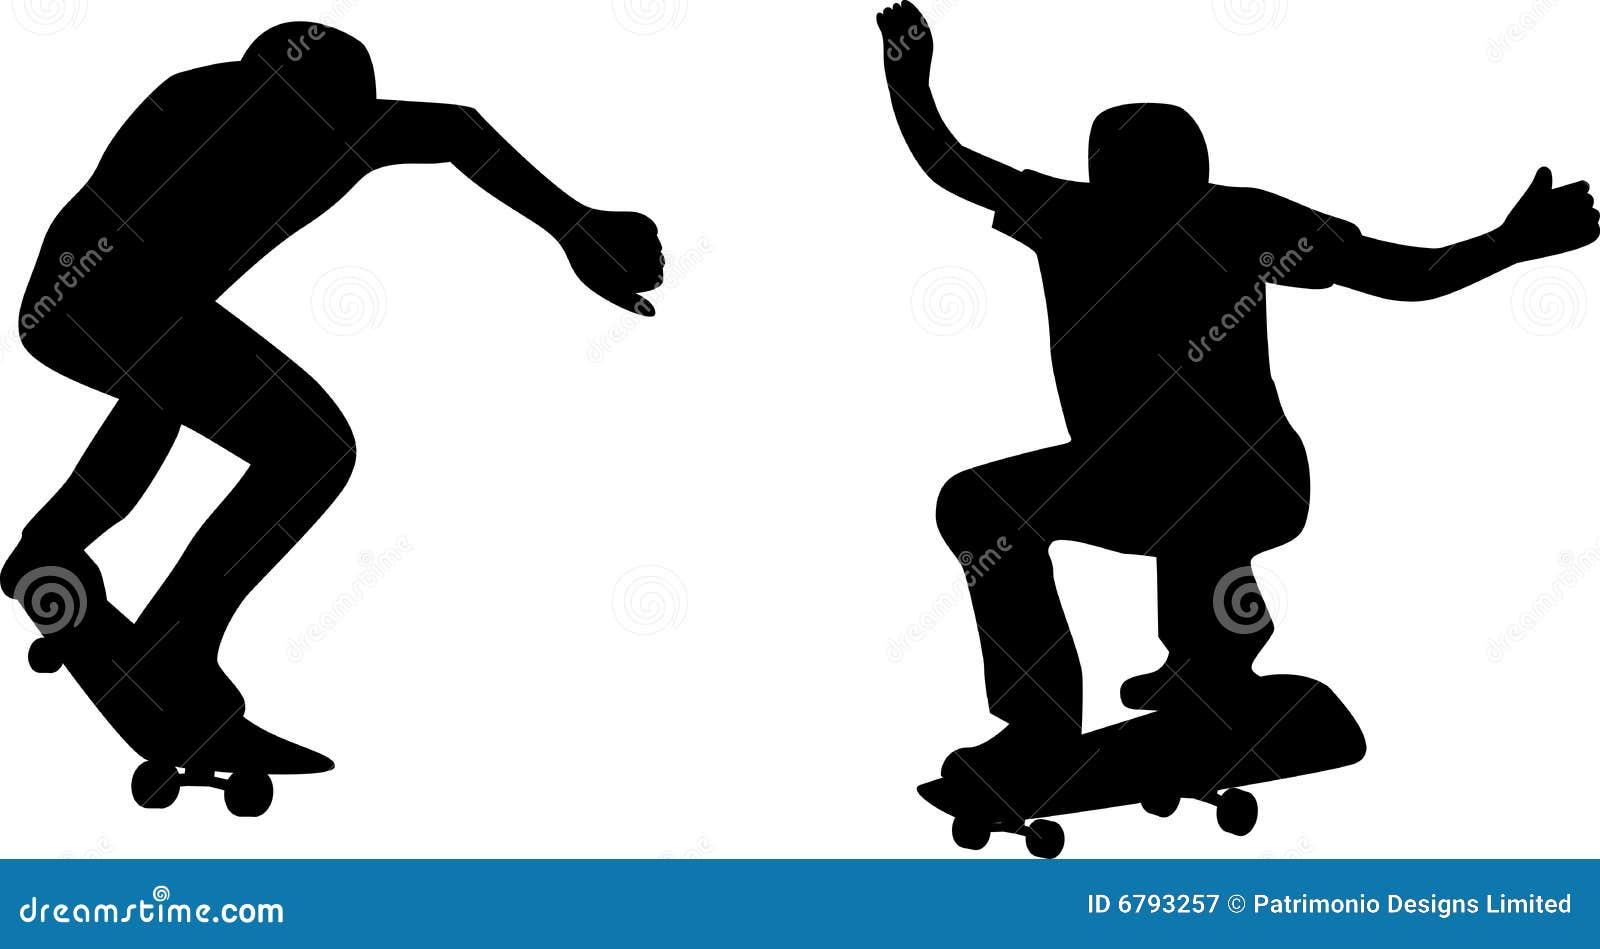 Skateboarder stock vector. Illustration of white, isolated ...